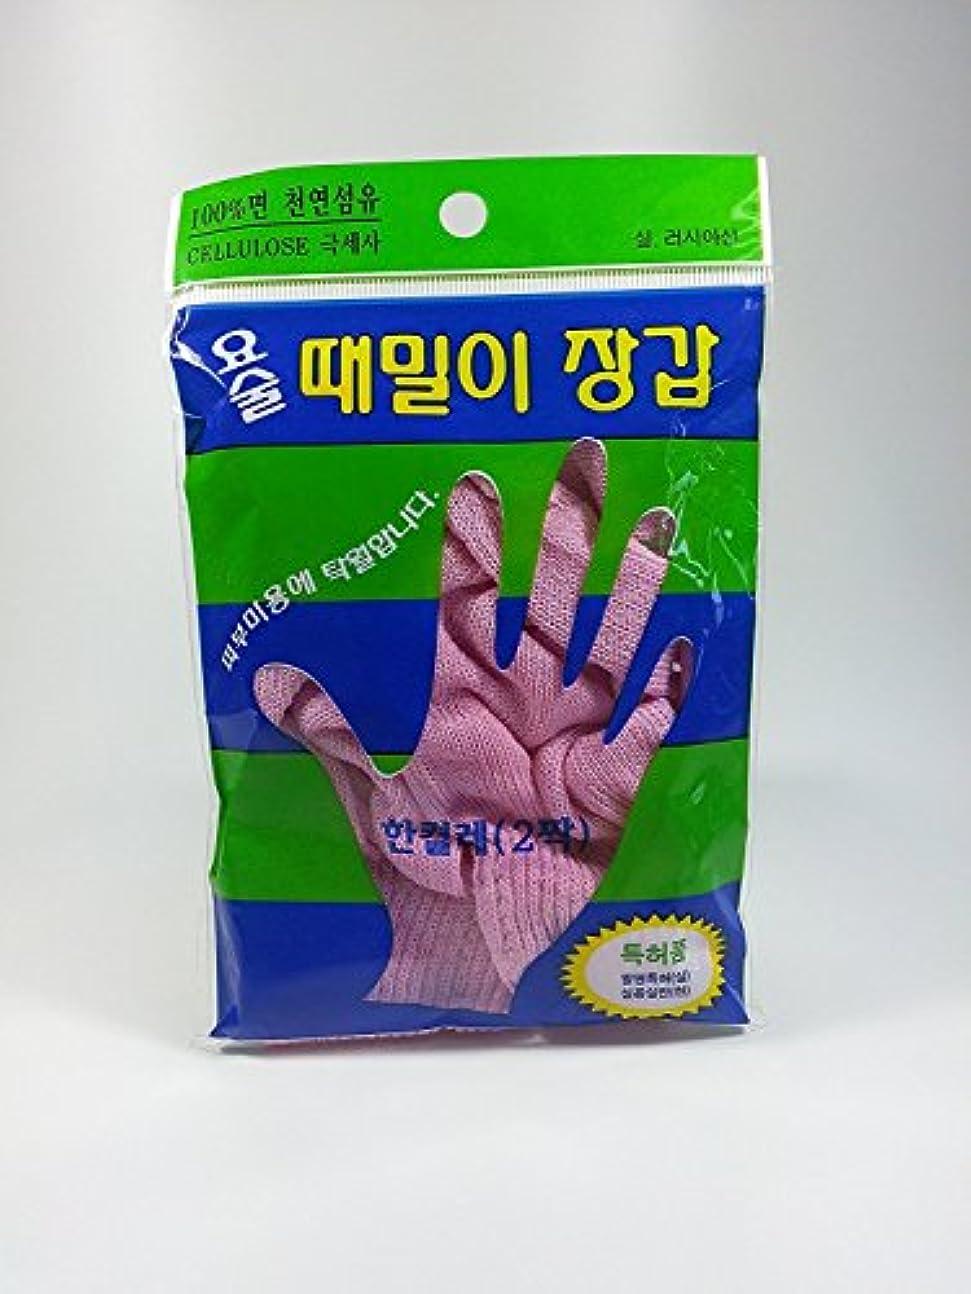 戦艦イサカ踏み台ジョンジュン産業 韓国式 垢すり 手袋 バスグローブ 5本指 ボディスクラブ 100% 天然セルロース繊維製 ???? ??????? Magic Korean Body Back Scrub [並行輸入品]